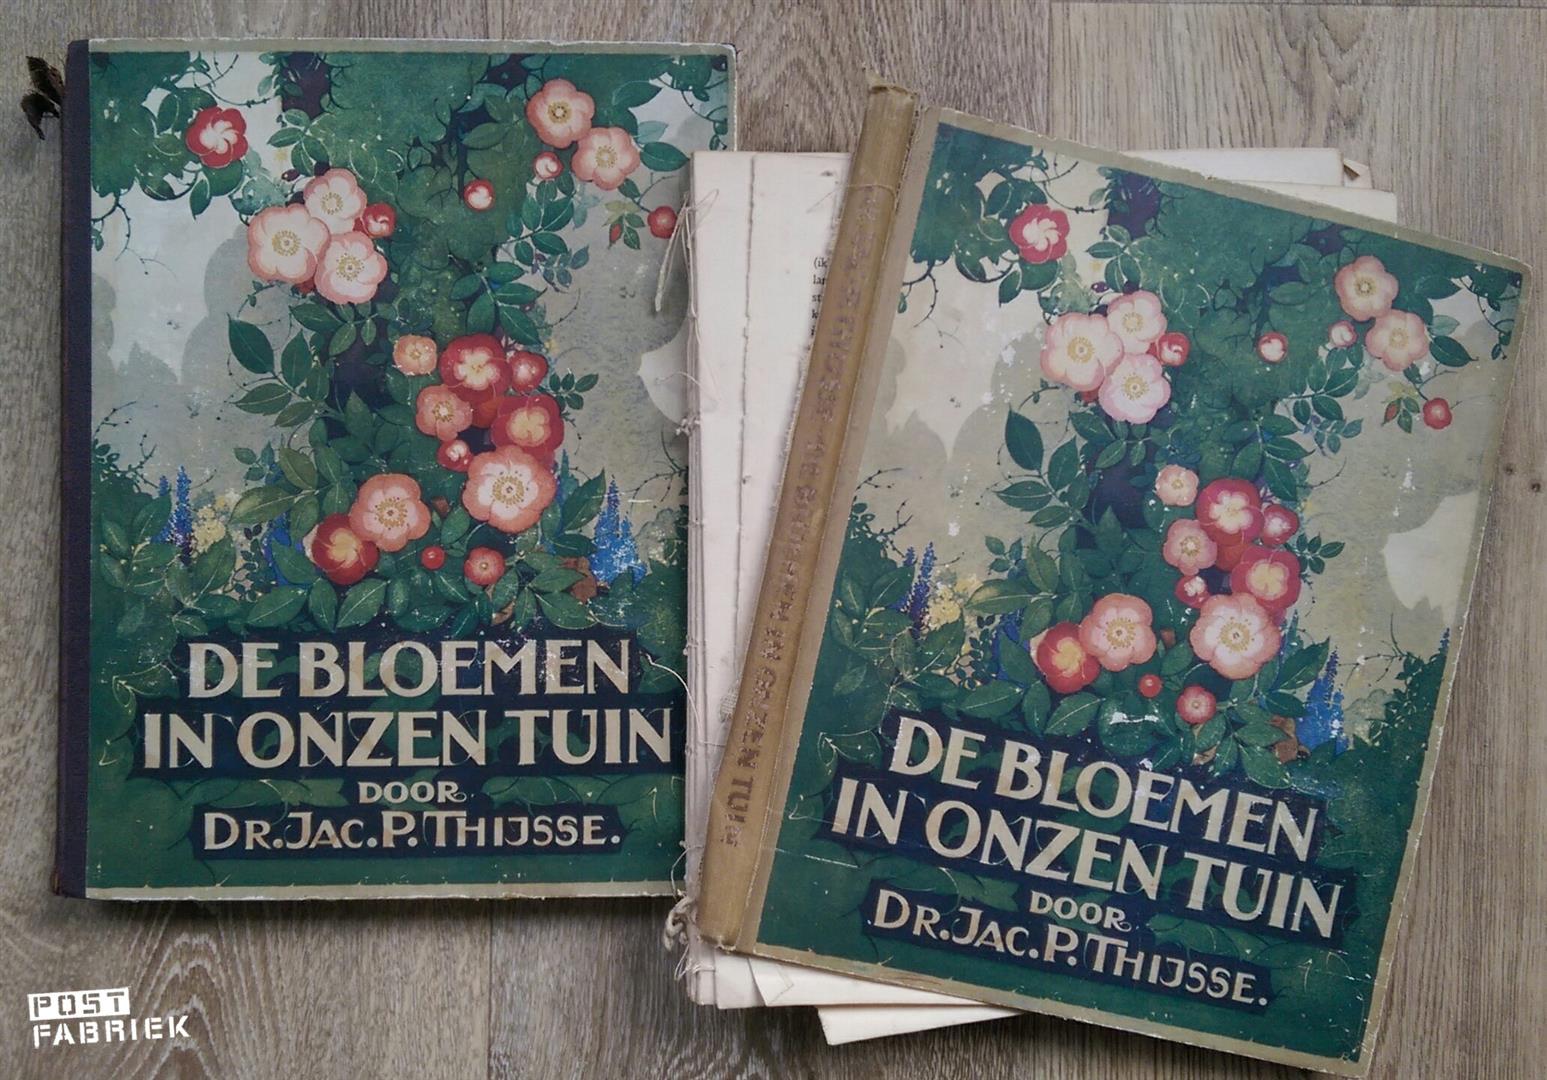 Bloemen in onzen tuin